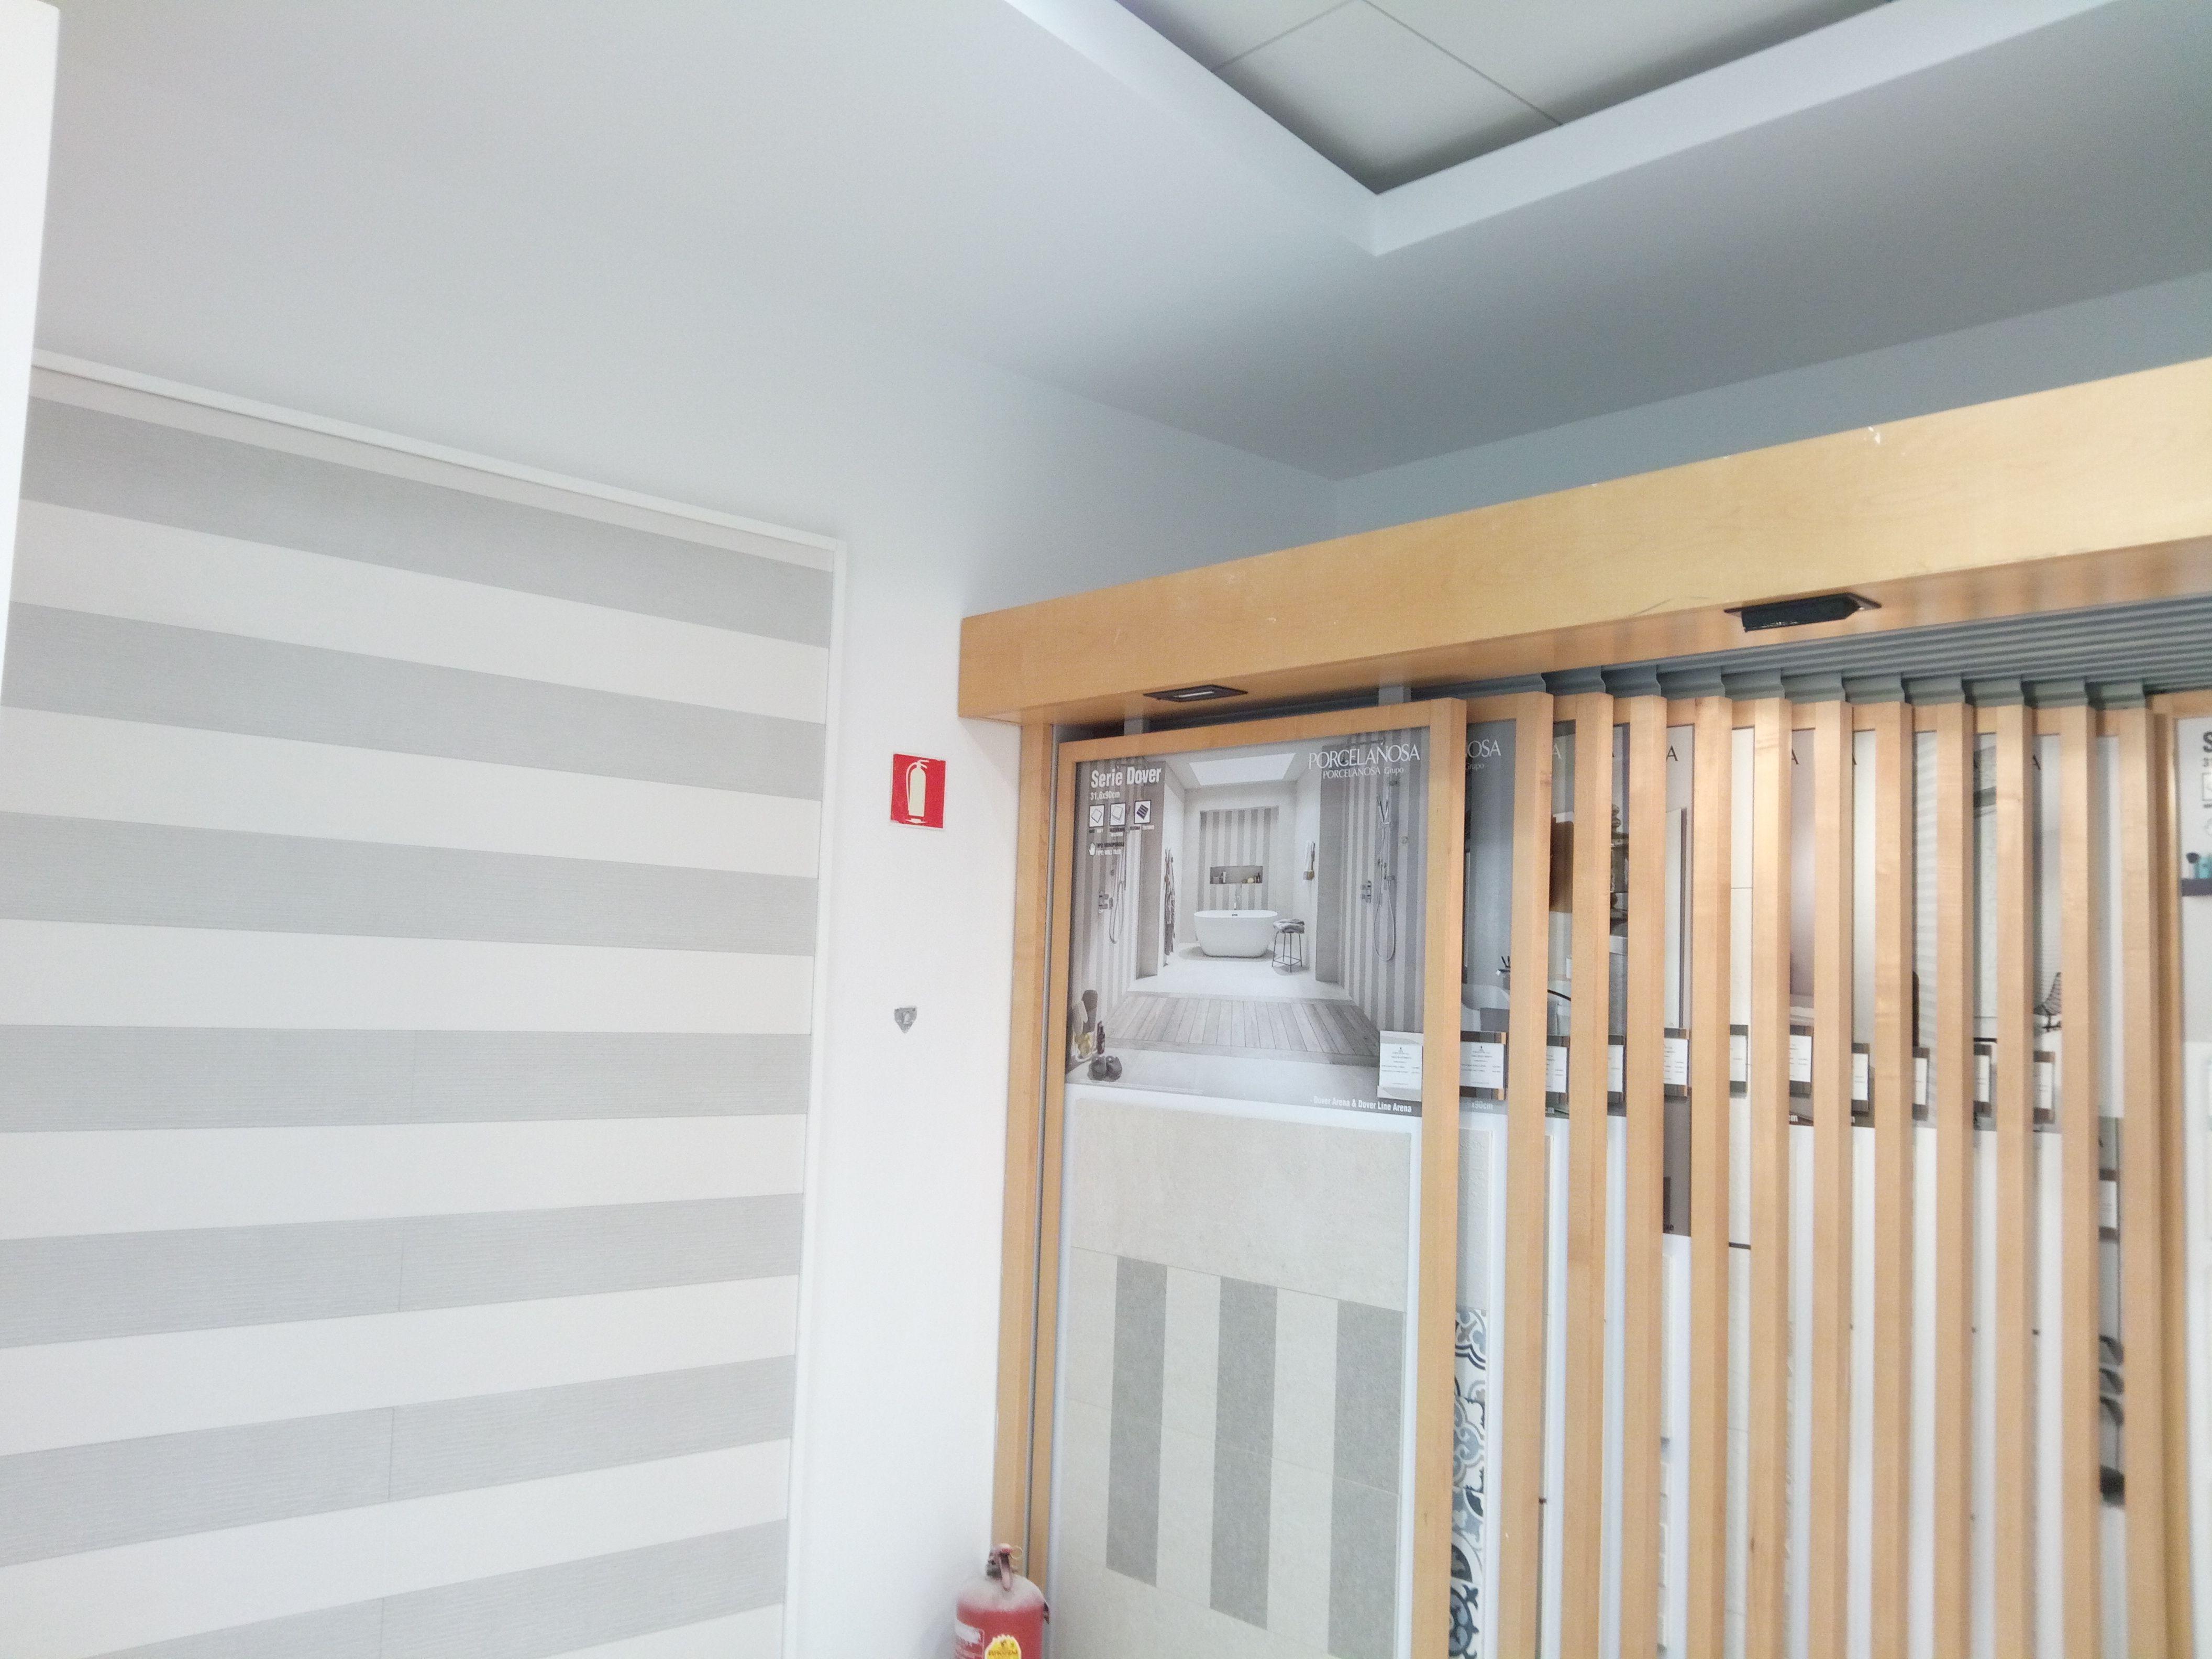 Foto 51 de Aislamientos acústicos y térmicos en Almería | Acoustic Drywall